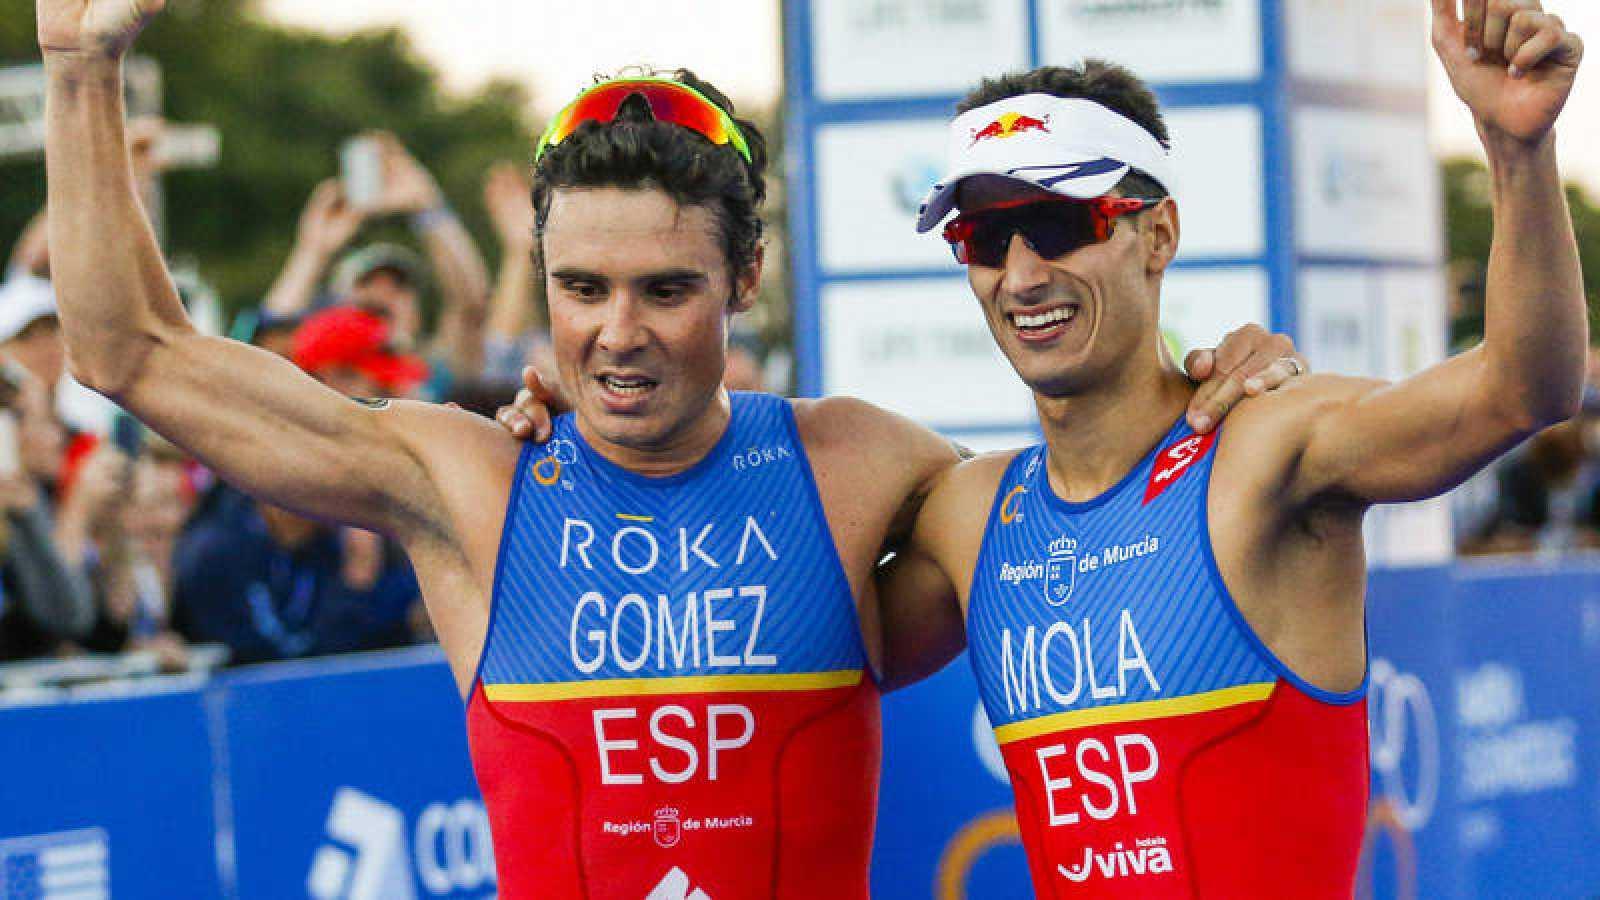 Mario MOla y Javier Gómez Noya, en imagen de archivo